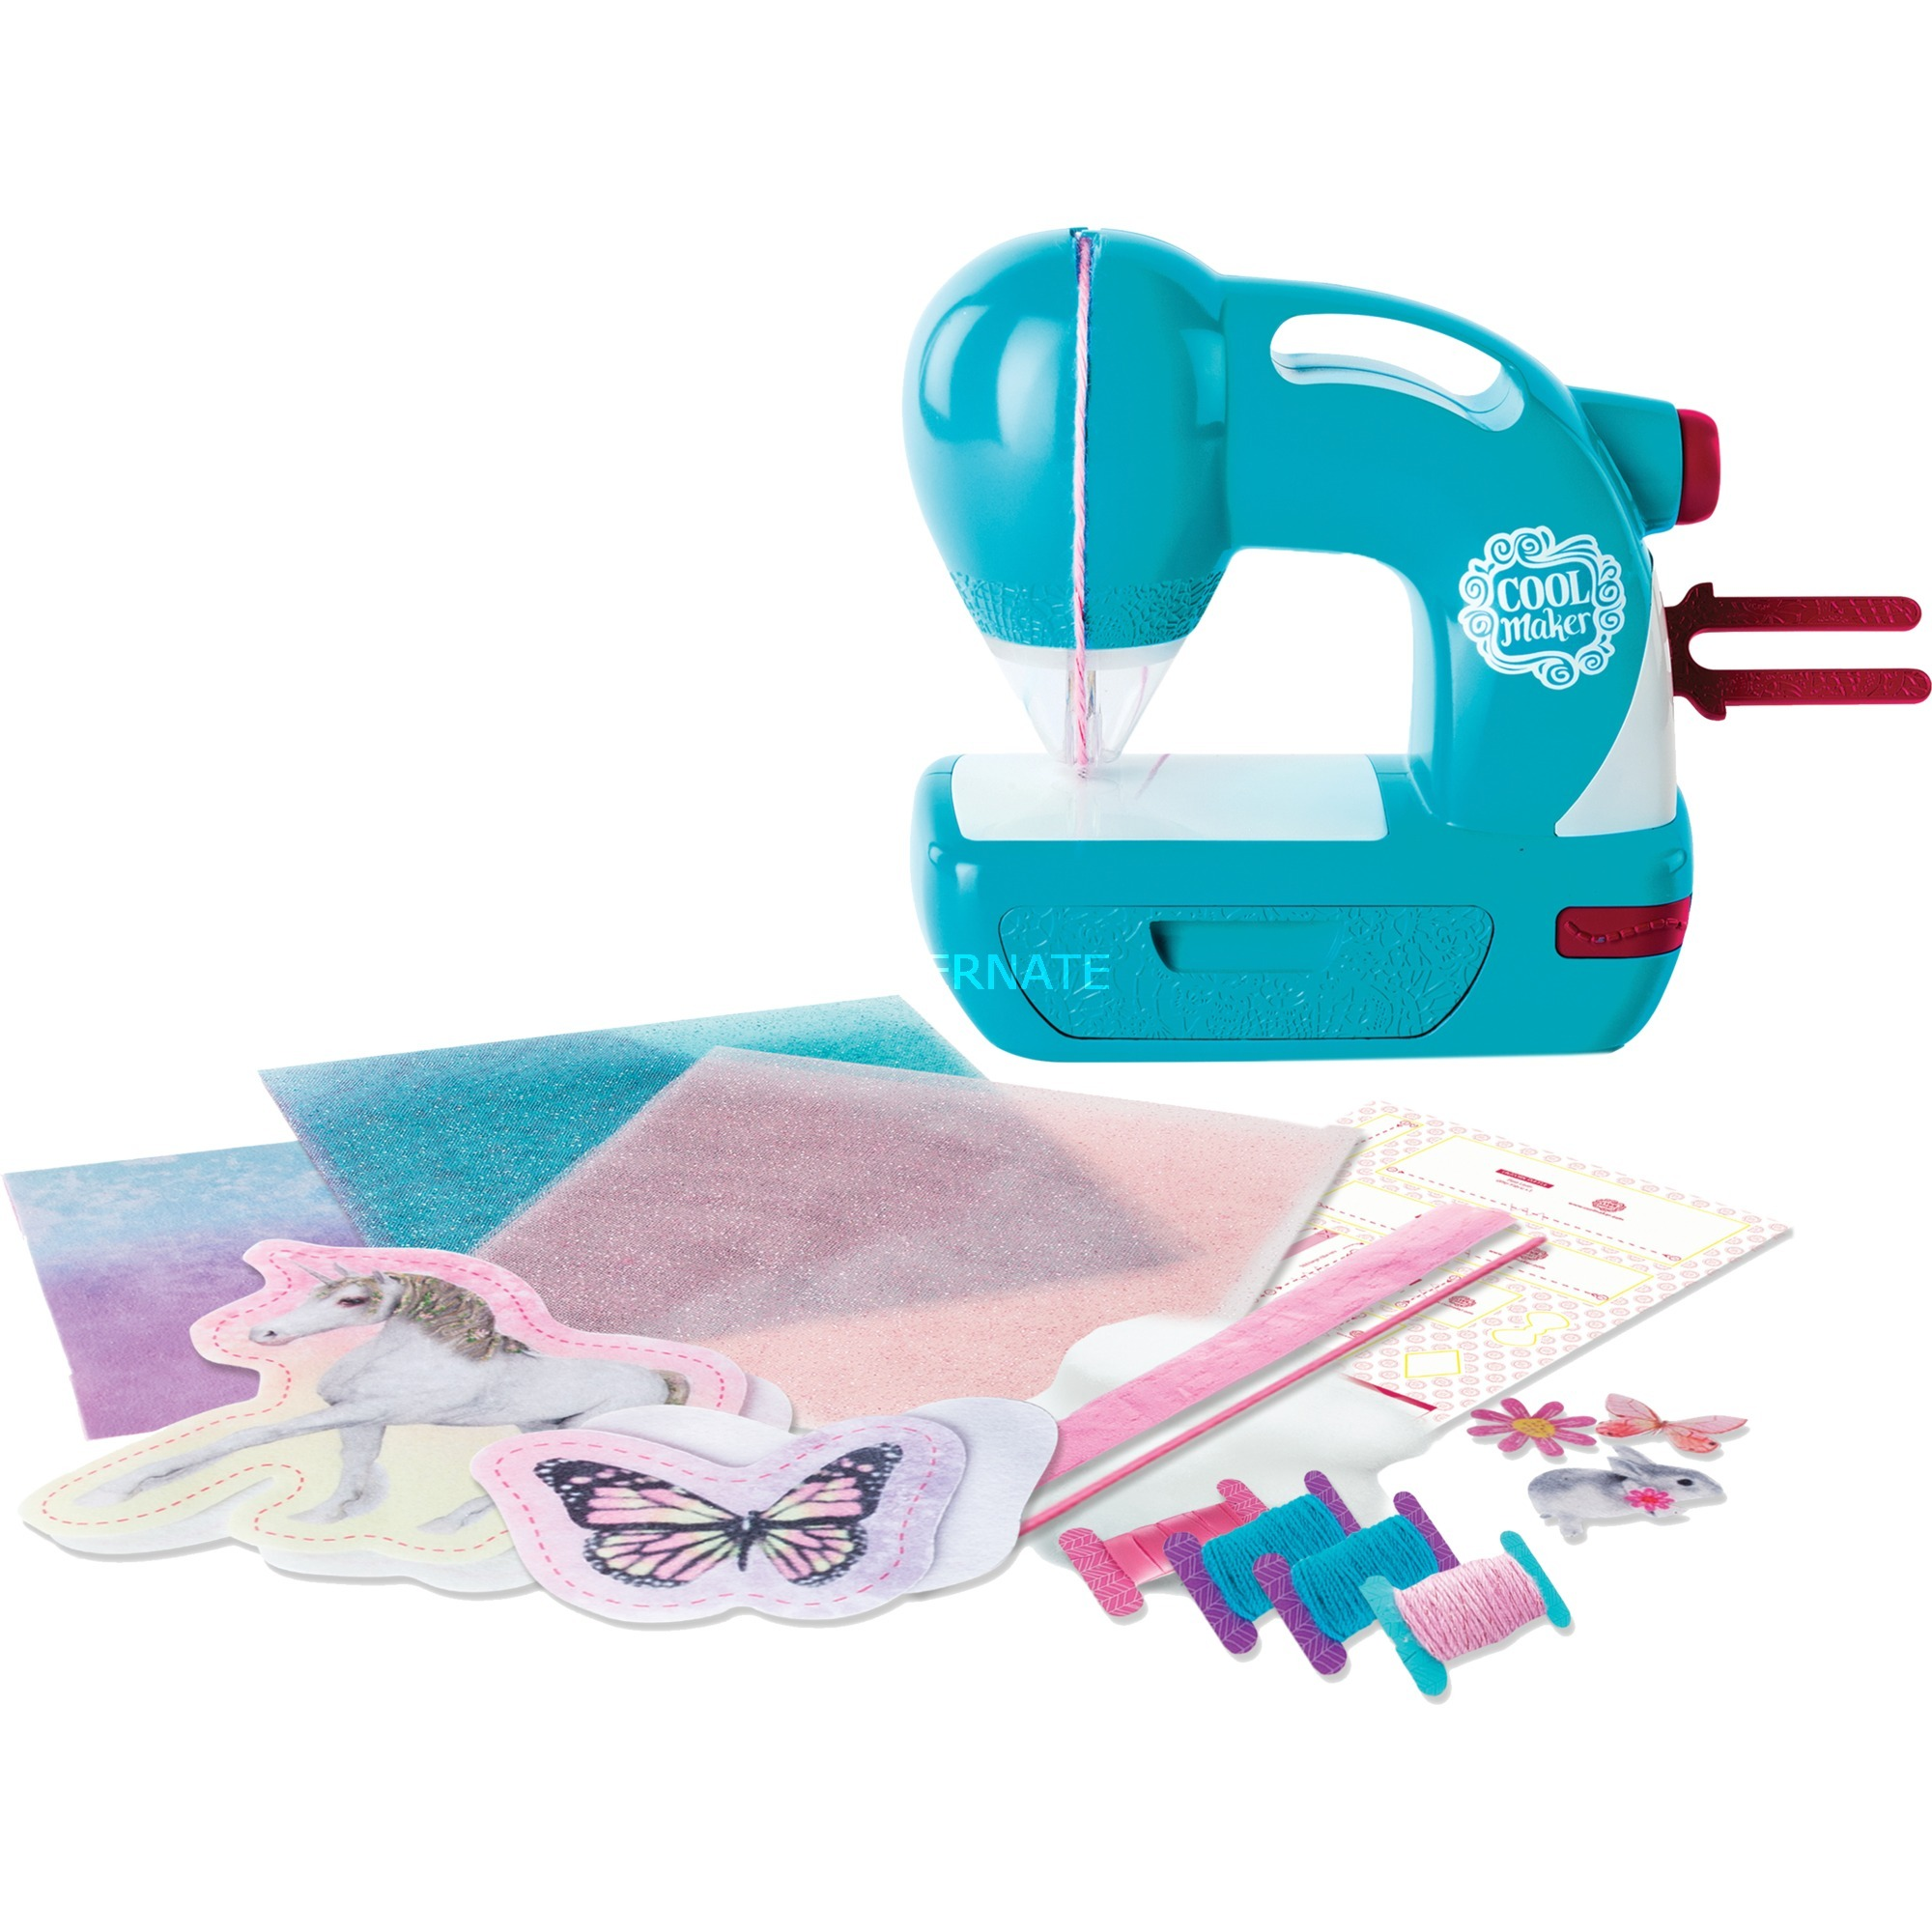 Sew cool 6020398 macchina cucire prezzi migliori offerte - Macchina da cucire ikea opinioni ...